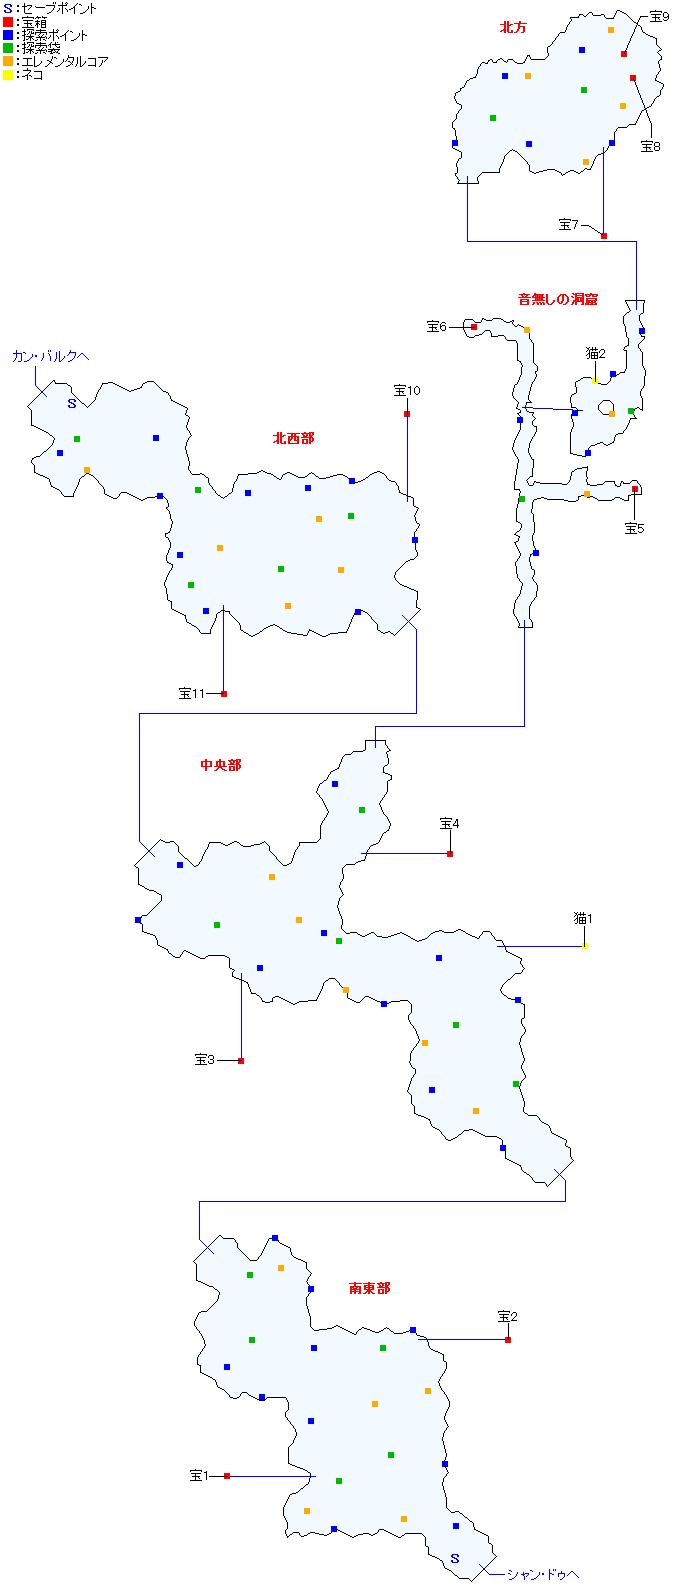 マップ画像・モン高原(正史世界)